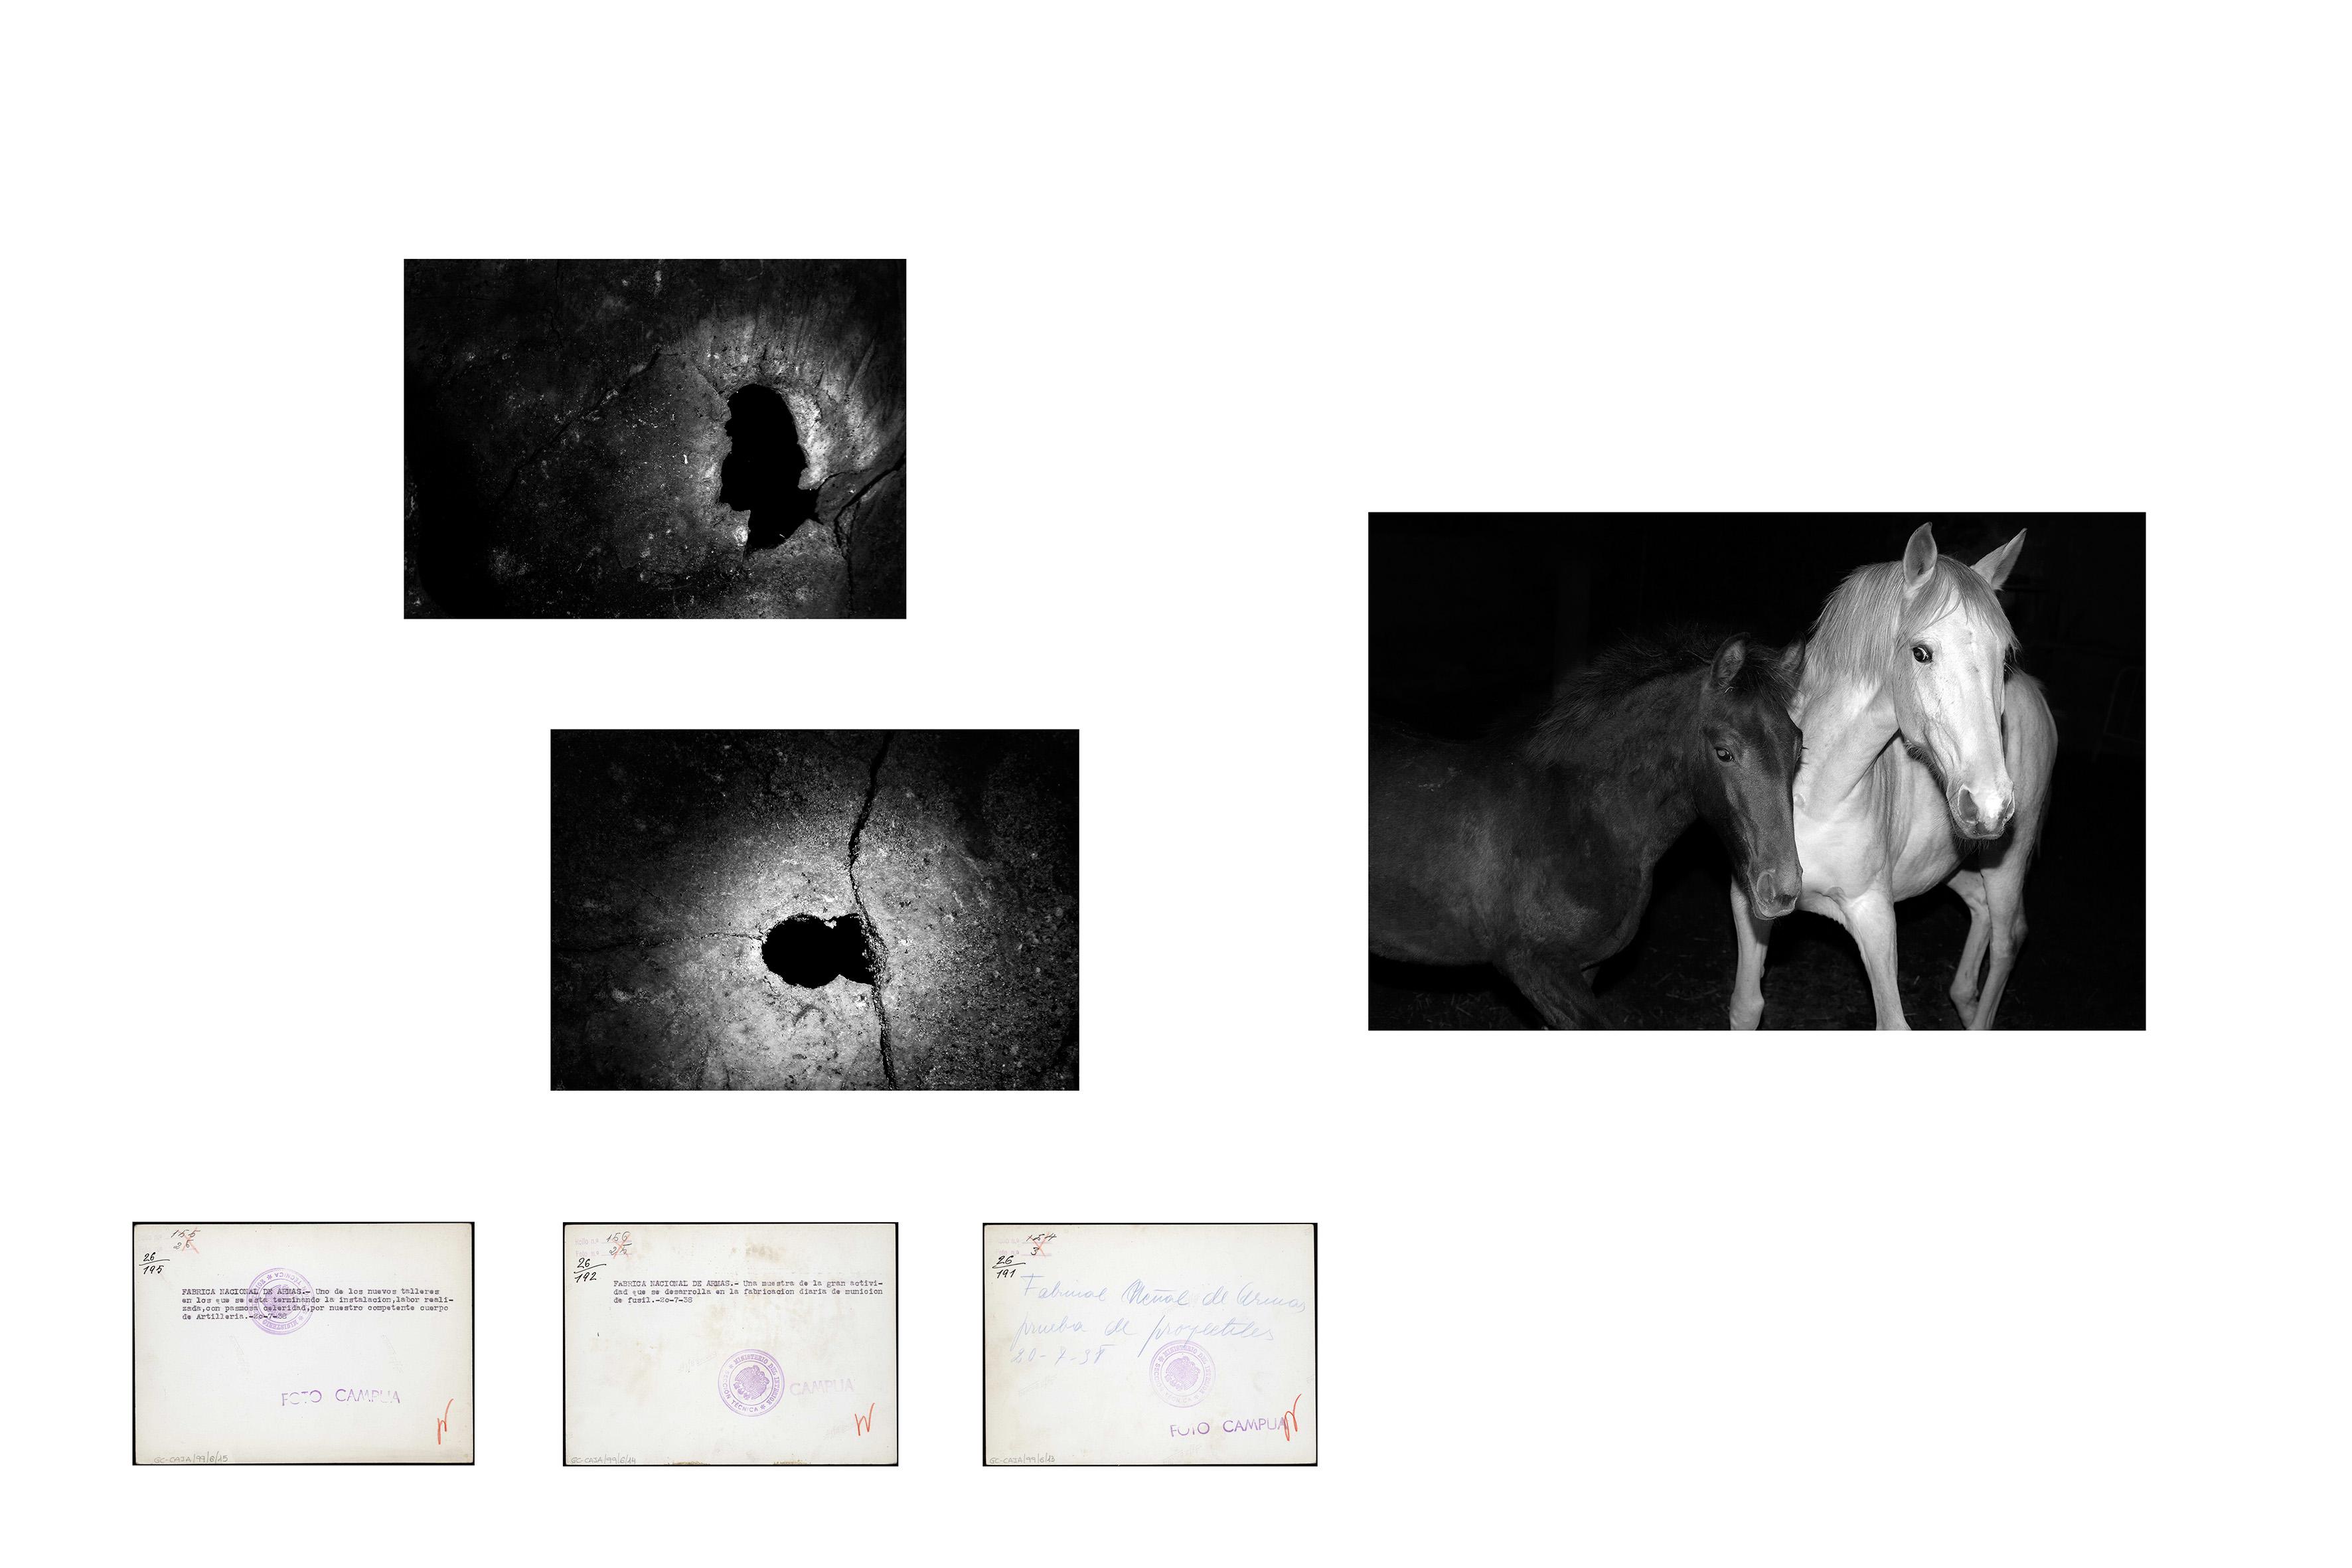 Niebla (2018) - Ana Frechilla, proyecto fotográfico